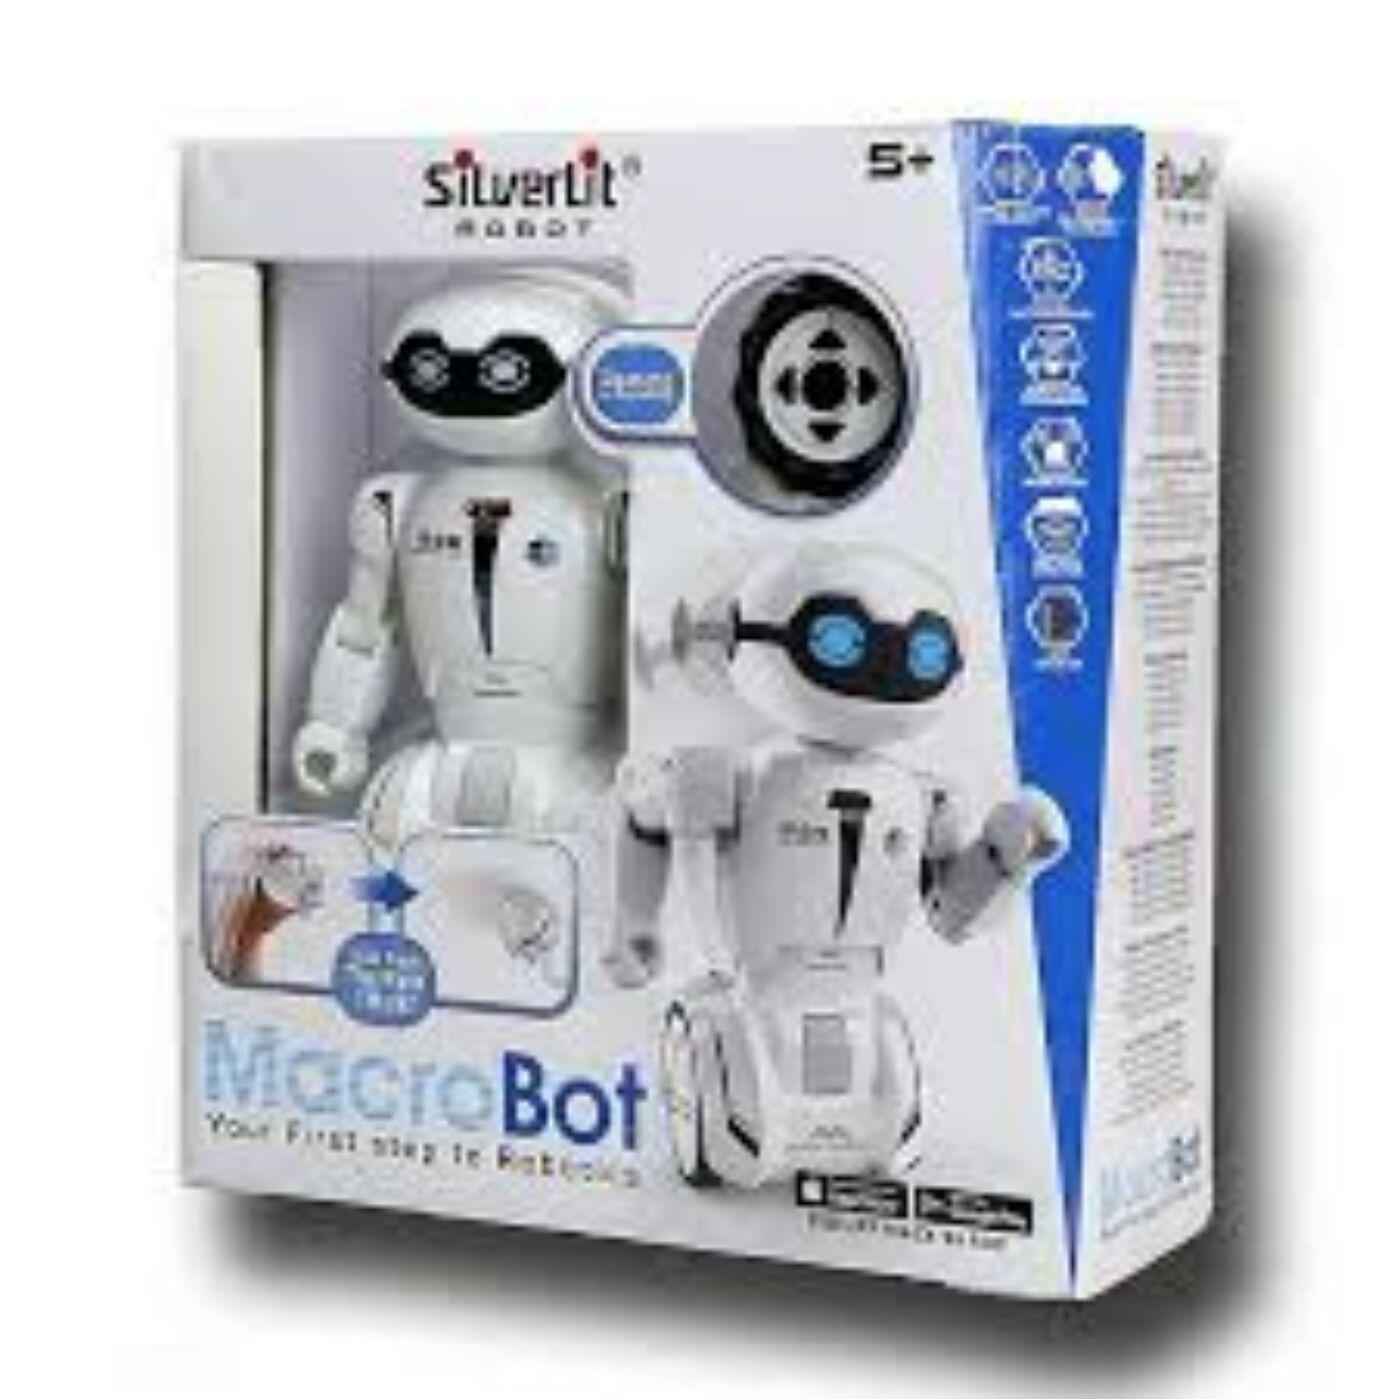 Macrobot robot